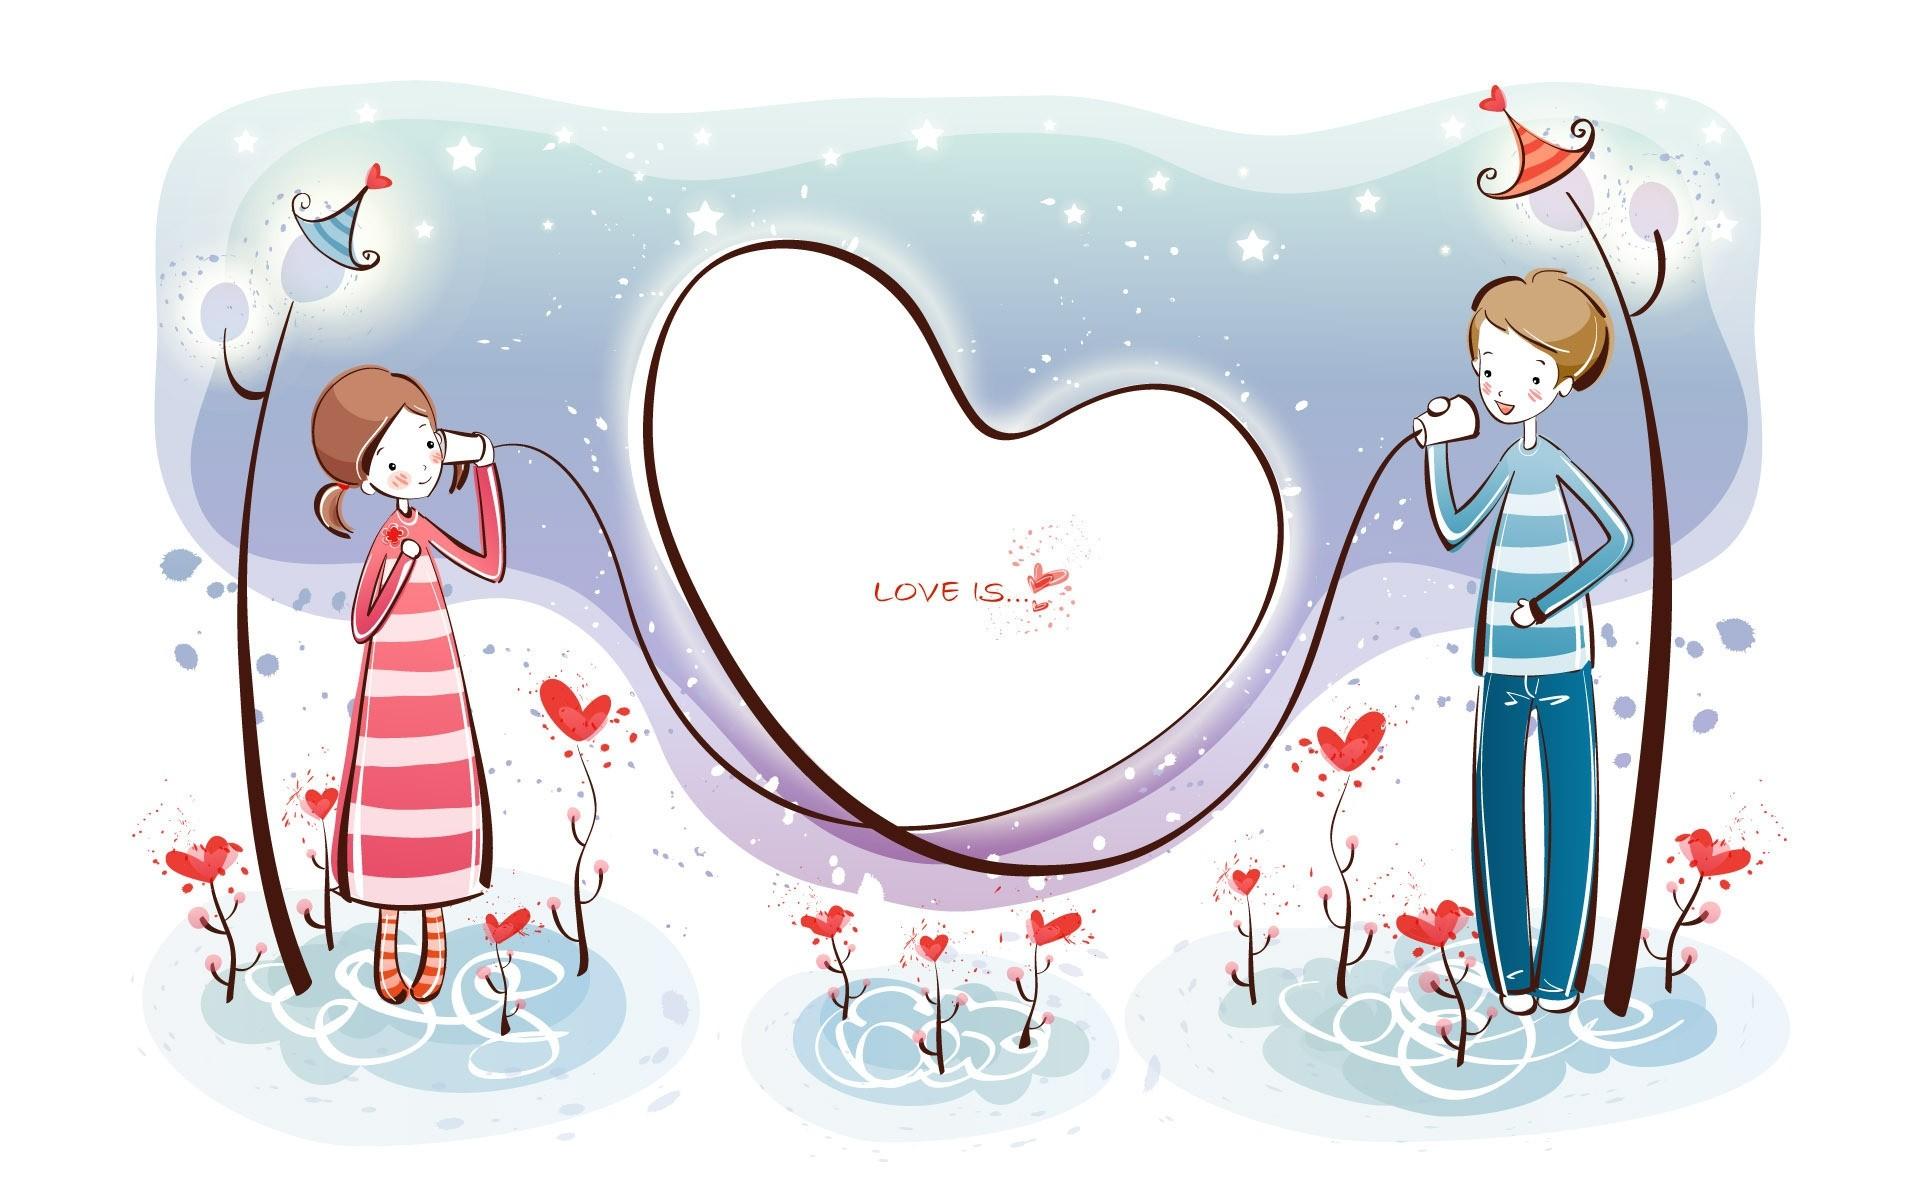 вариант постер ко дню святого валентина обоих случаях включает